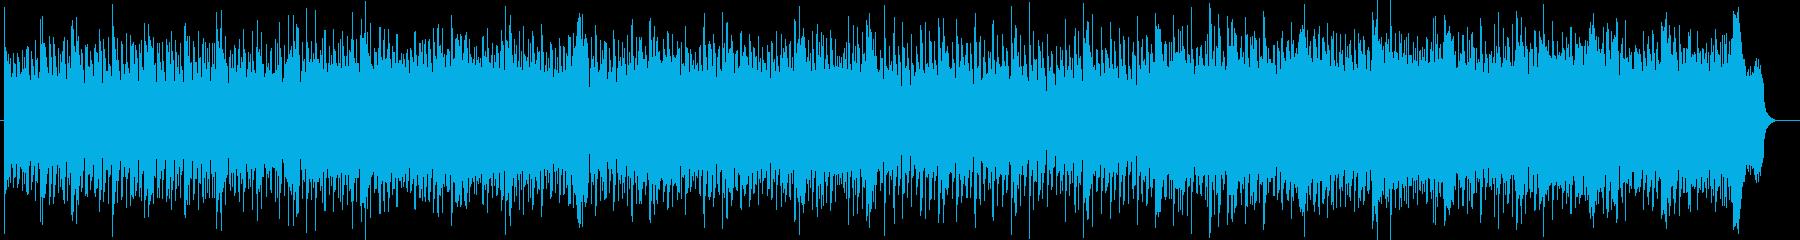 魅惑的なテクノミュージックの再生済みの波形